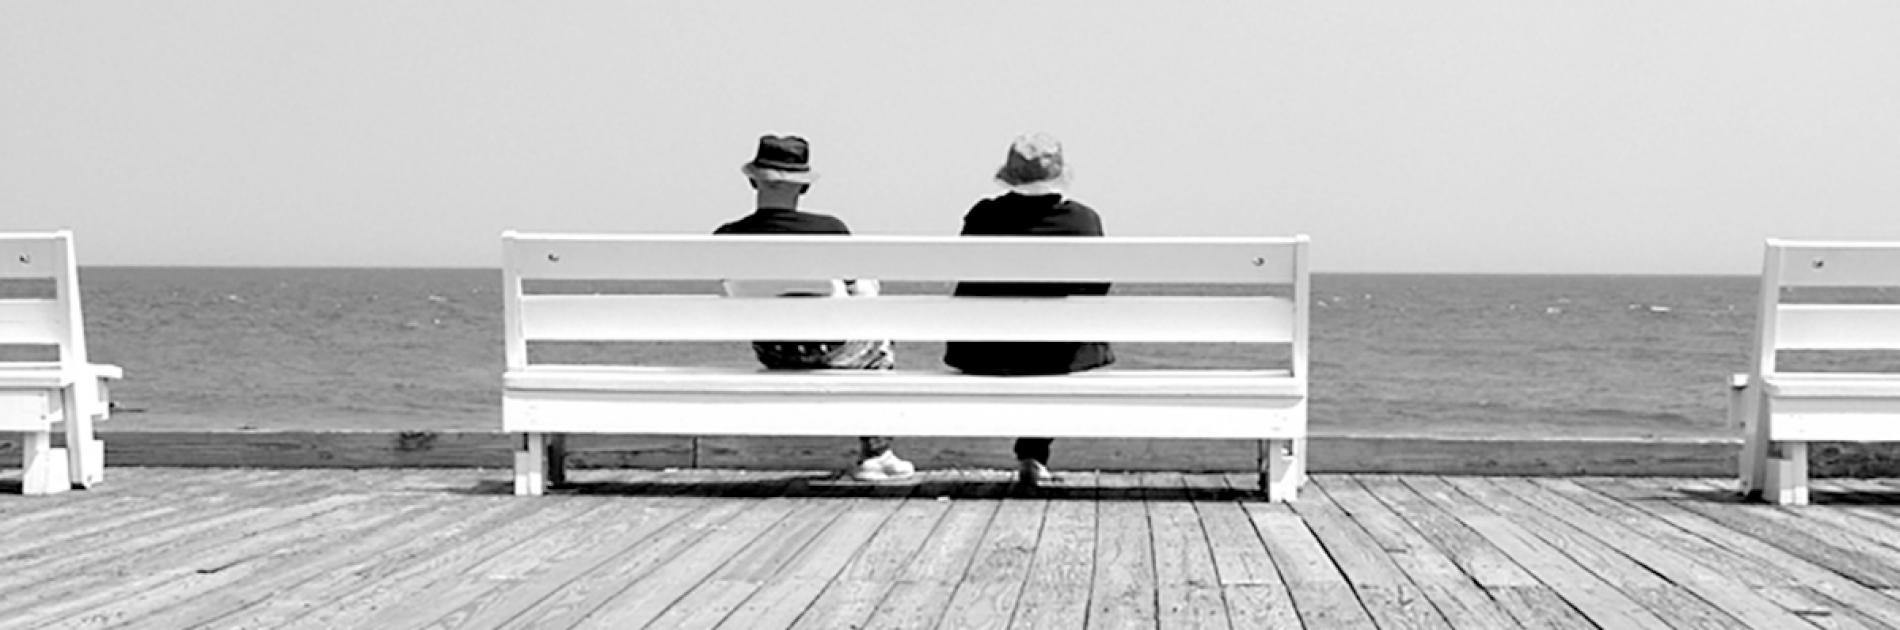 Mediation AMSTERDAM: Mediation Arbeidsconflicten, mediation samenwerkingsconflicten, mediation zakelijke conflicten